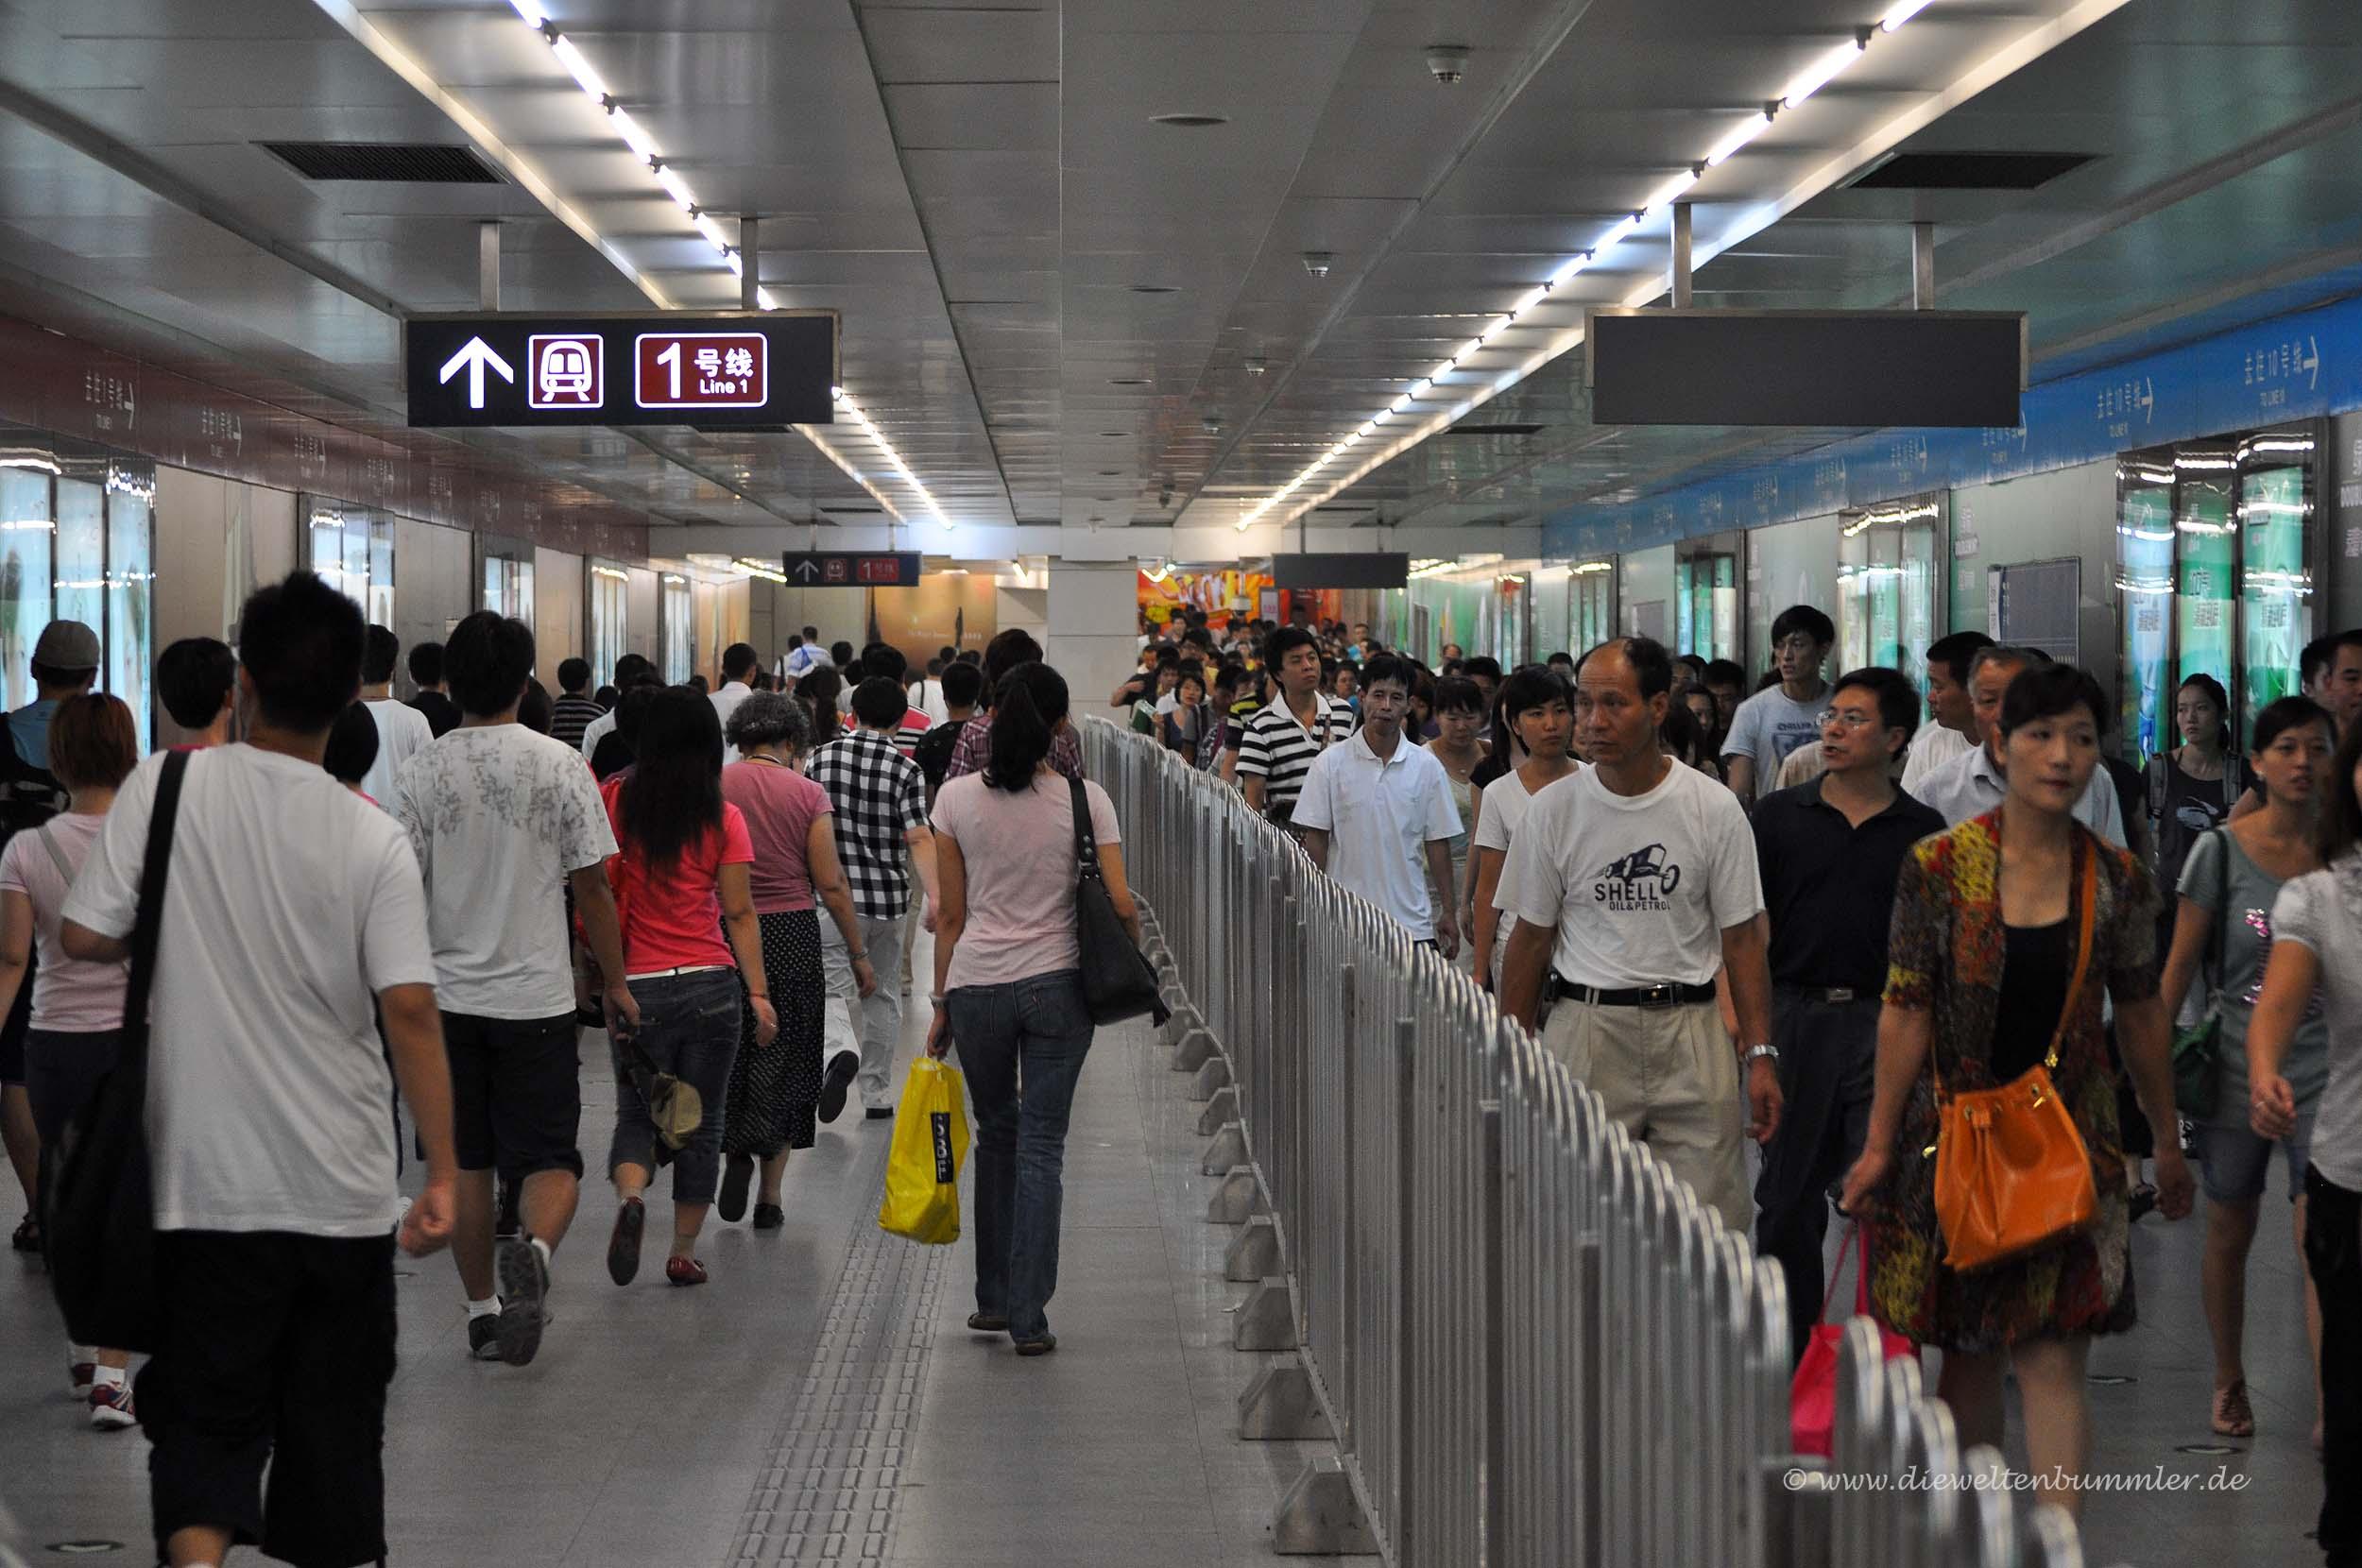 Einbahn-Regelung für Passagiere